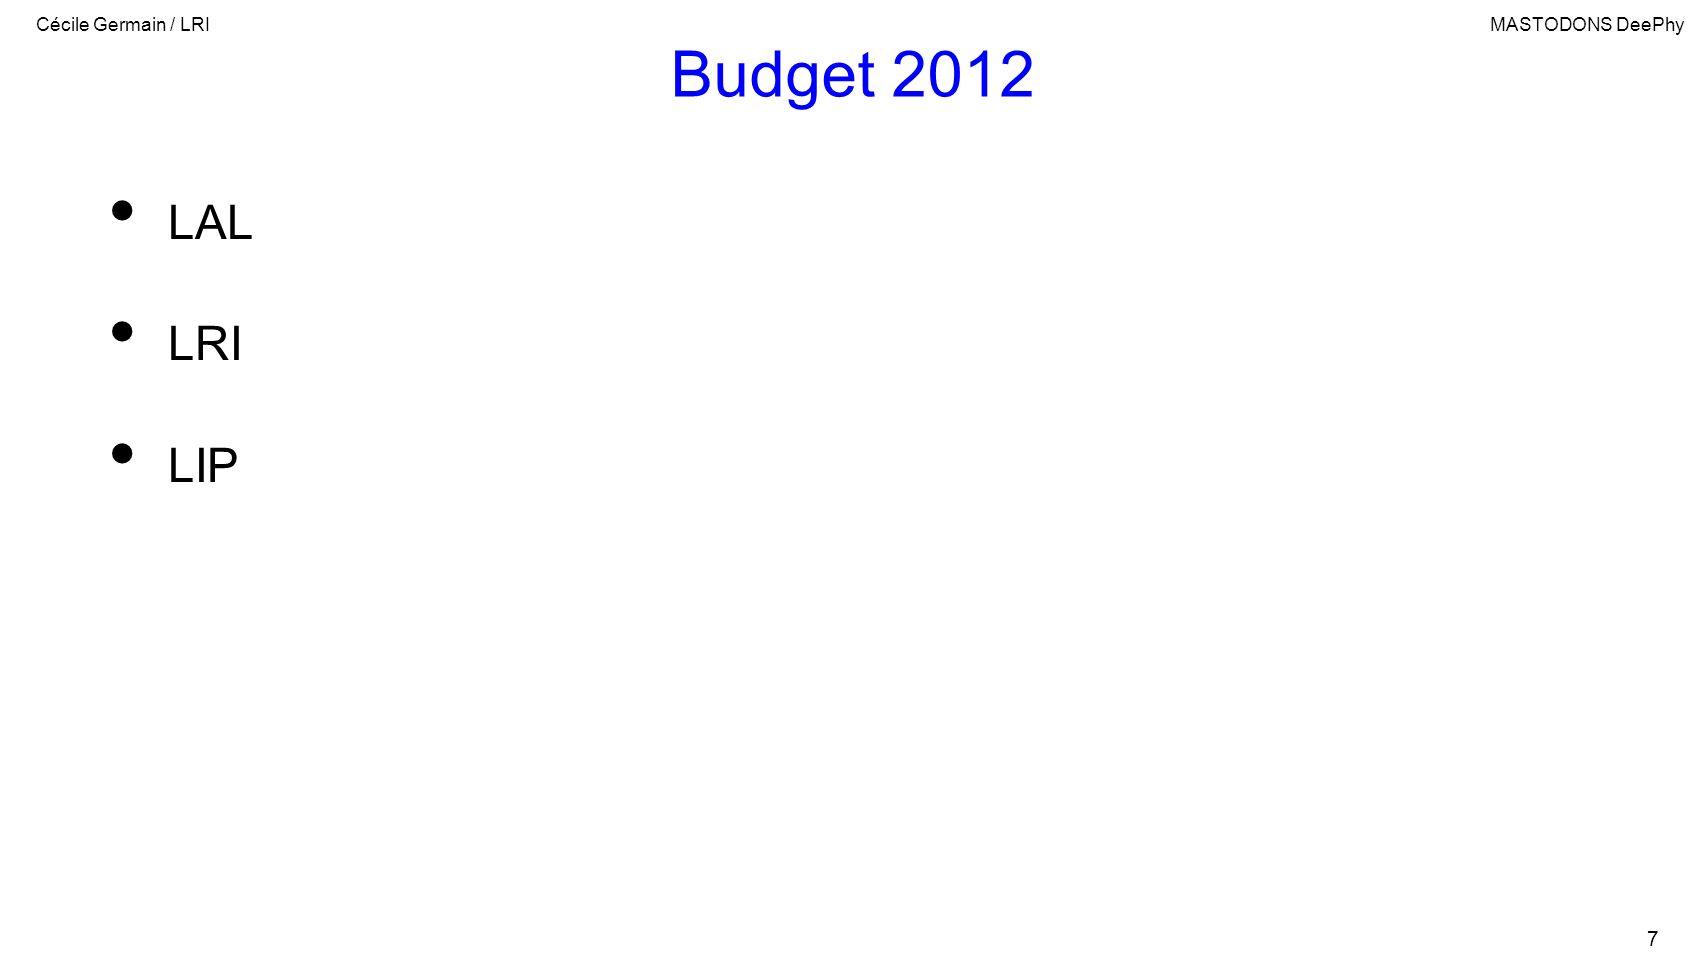 Cécile Germain / LRIMASTODONS DeePhy 7 Budget 2012 LAL LRI LIP